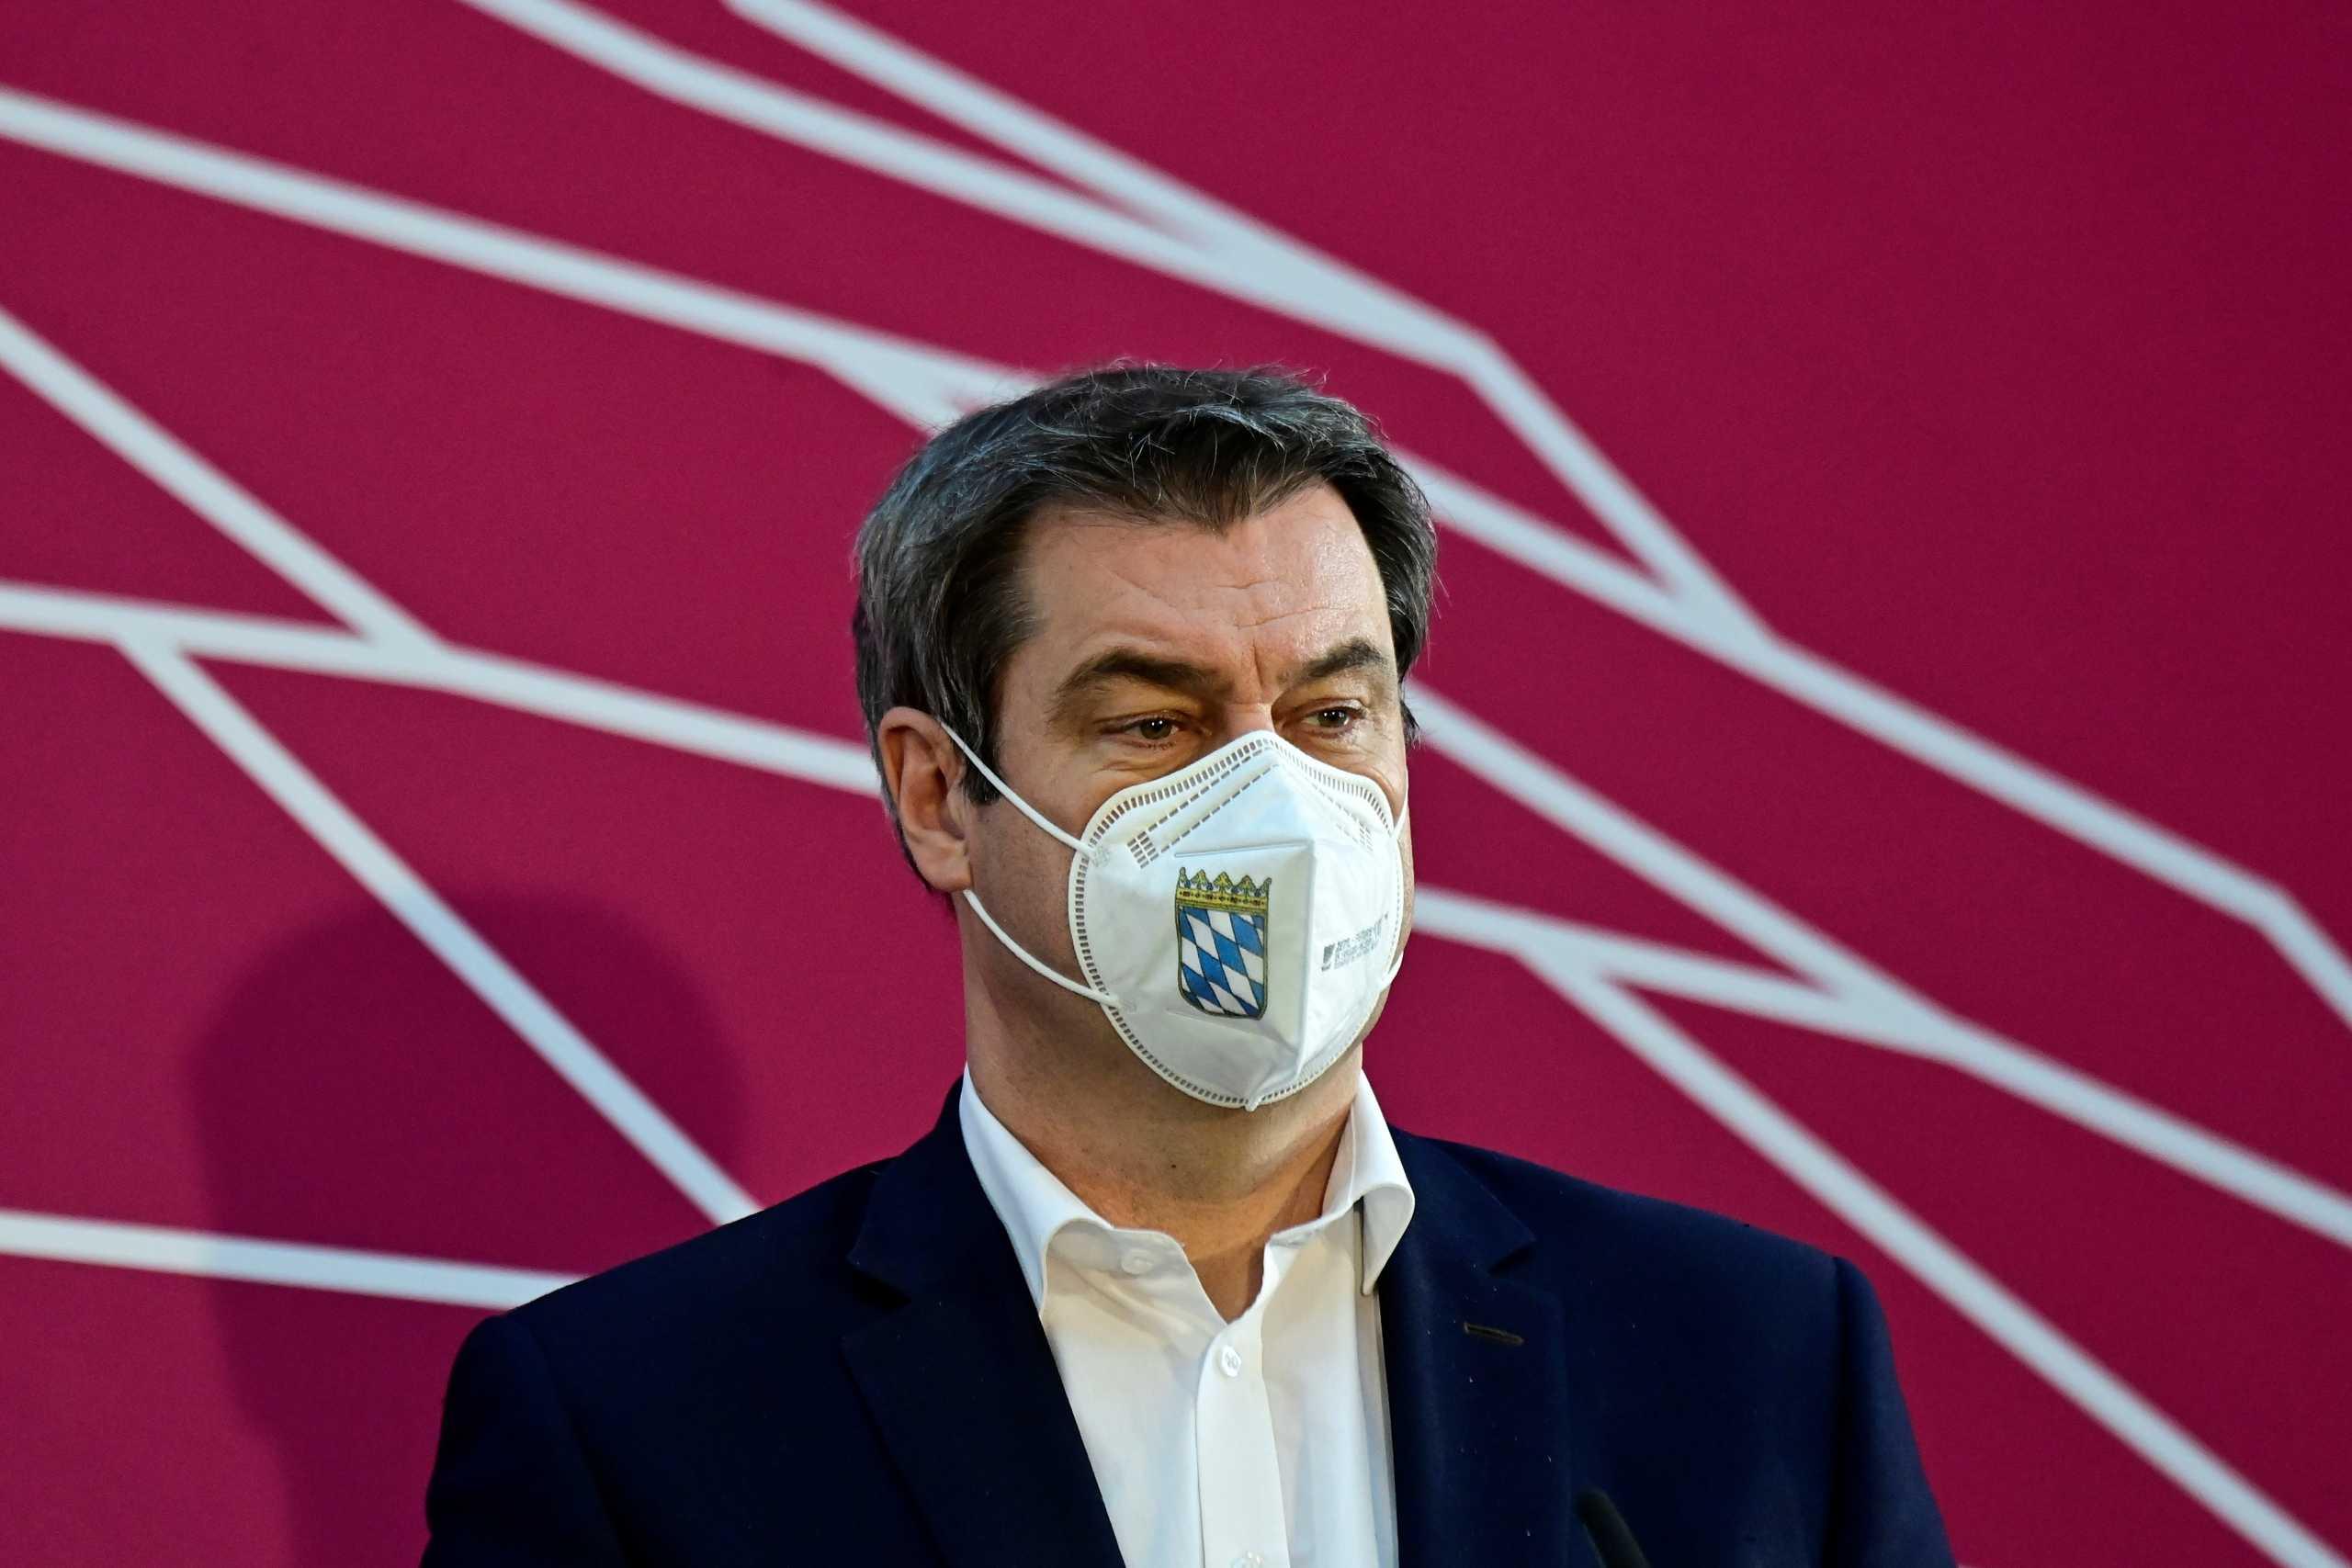 Γερμανία: Θέλουν υποψήφιο της κεντροδεξιάς τον Μάρκους Ζέντερ αντί του Άρμιν Λάσετ για νέο καγκελάριο